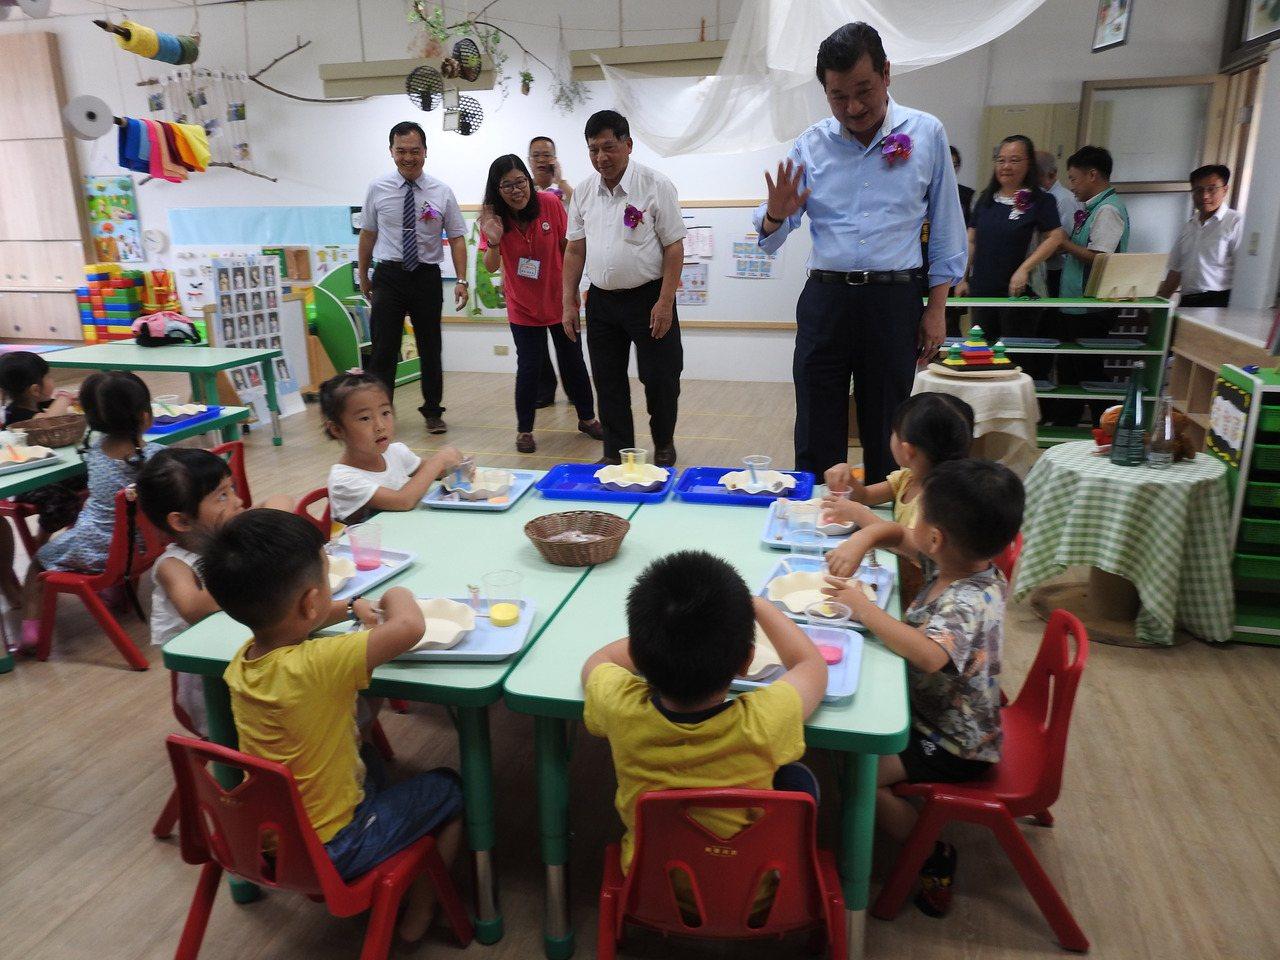 南投第4家非營利幼兒園揭牌 月費3500元還有名額